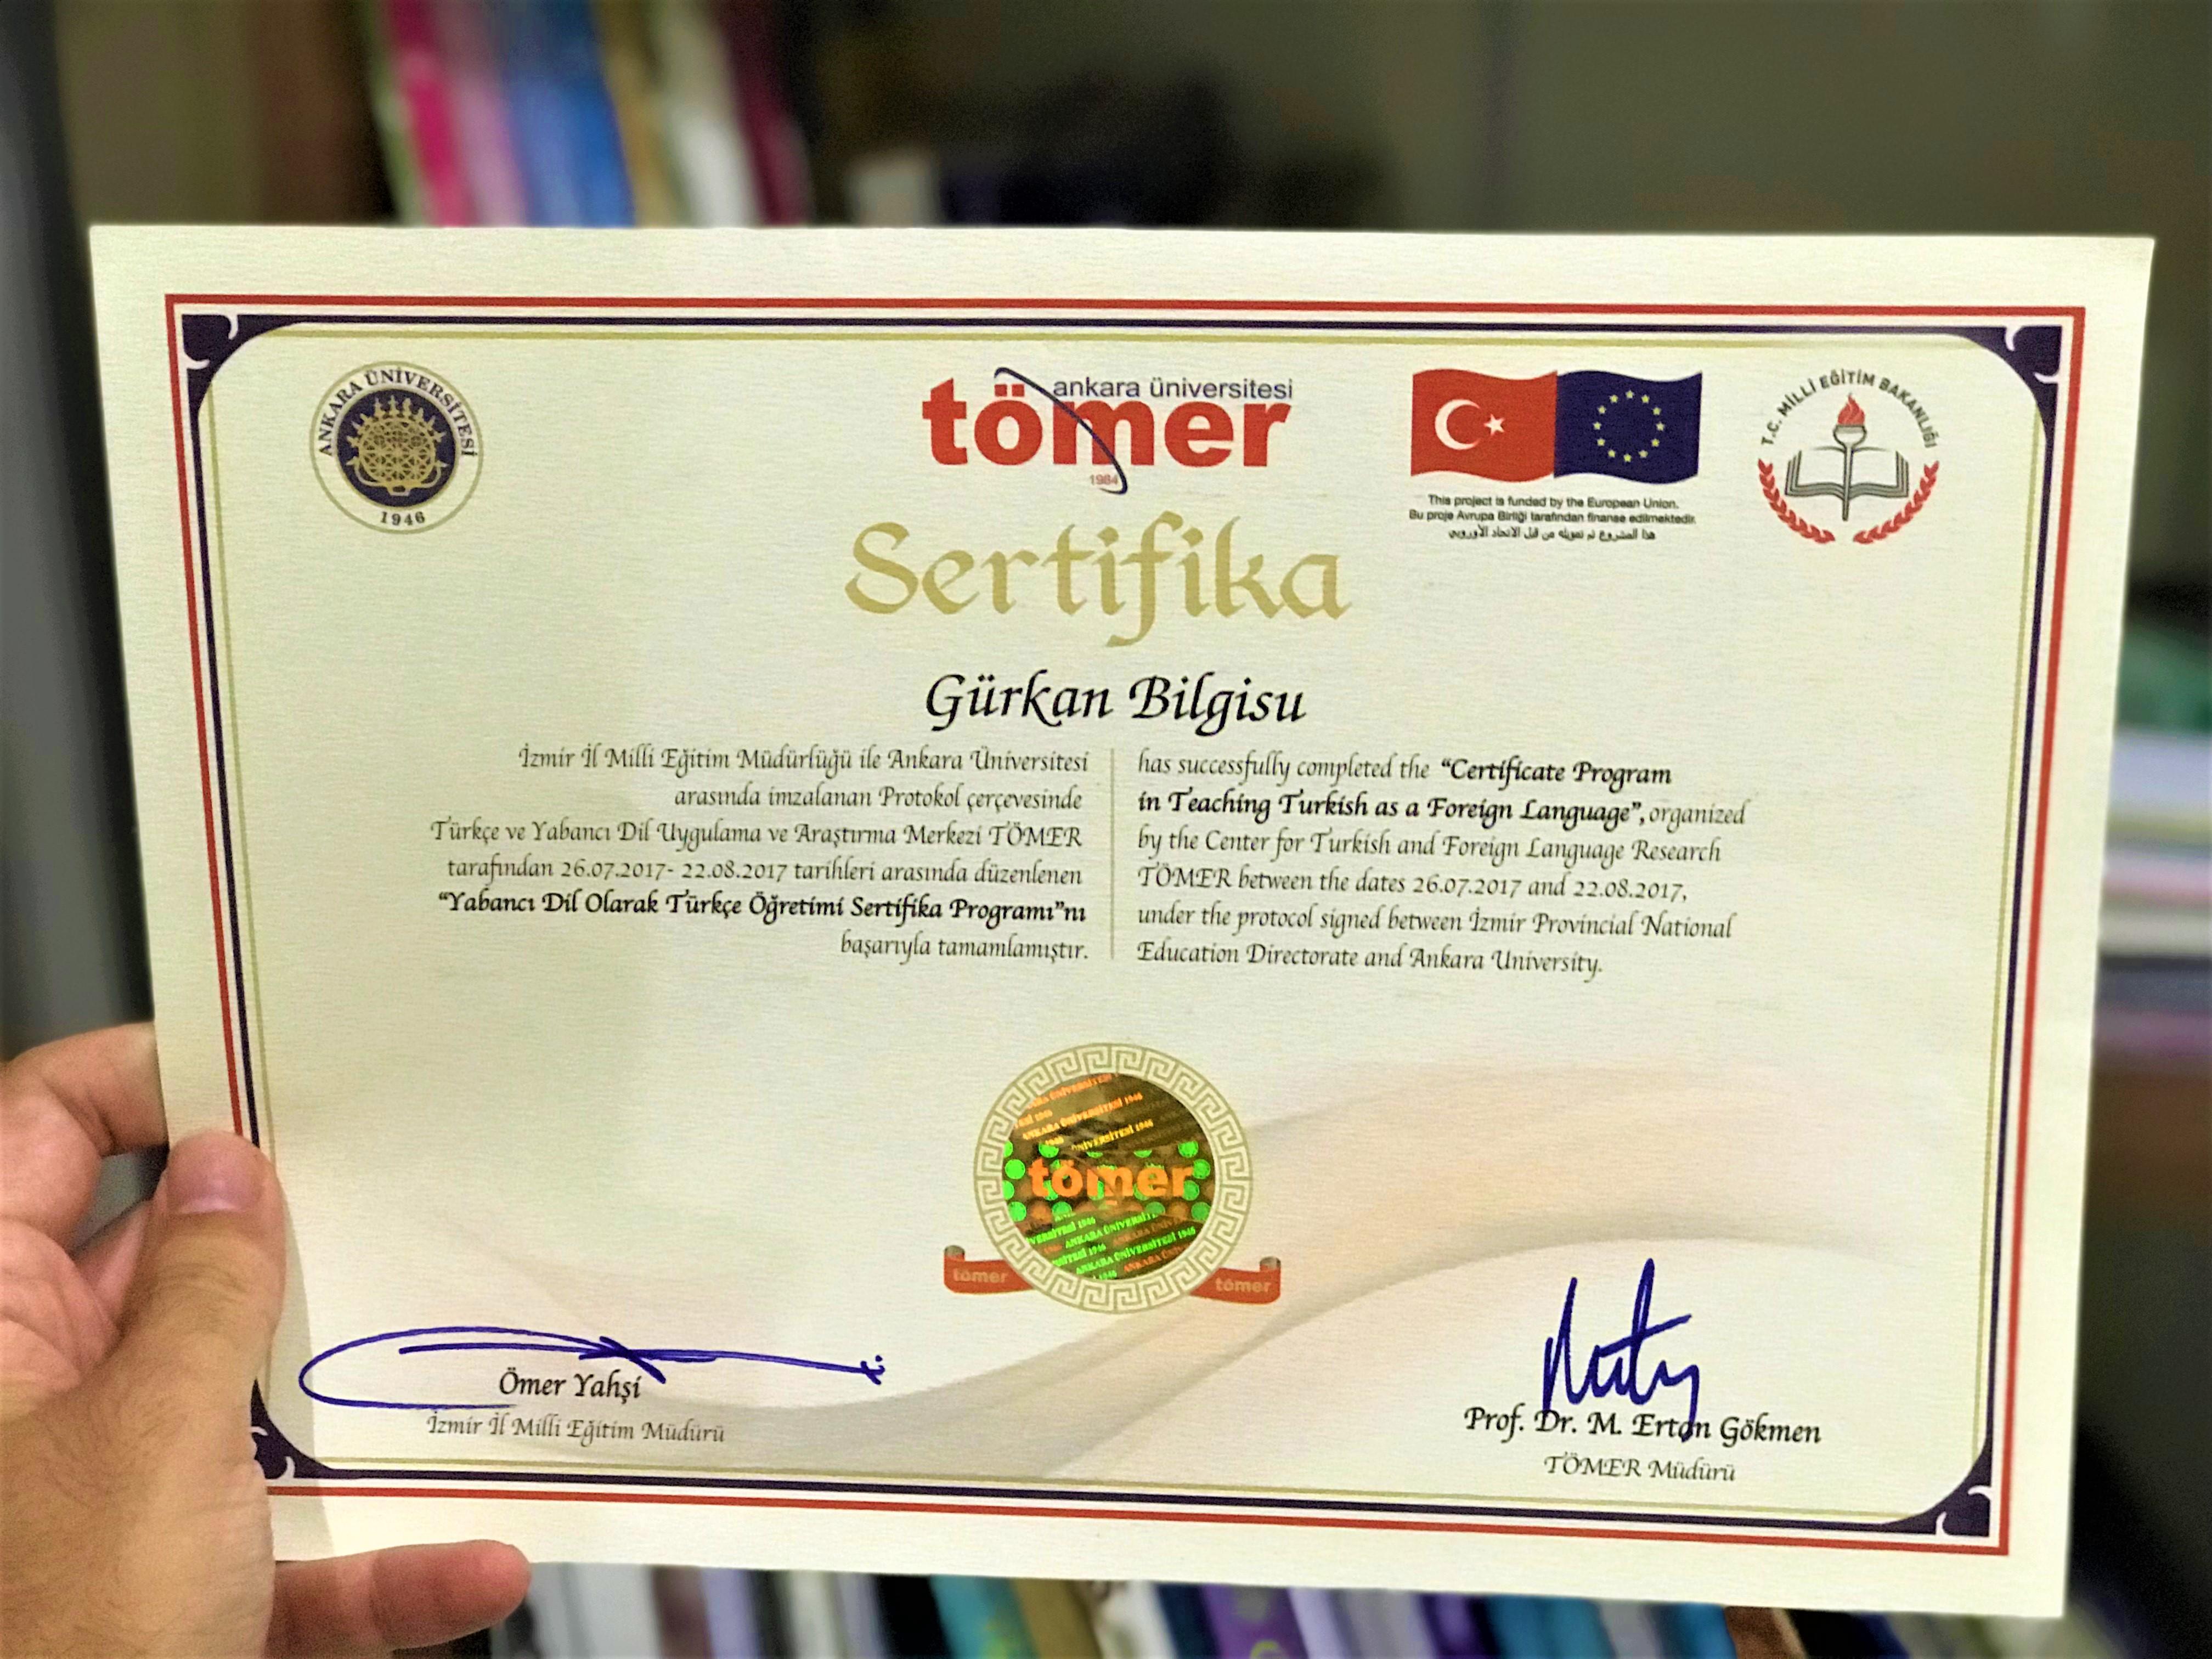 yabancilara-turkce-ogretimi-sertifika-programi